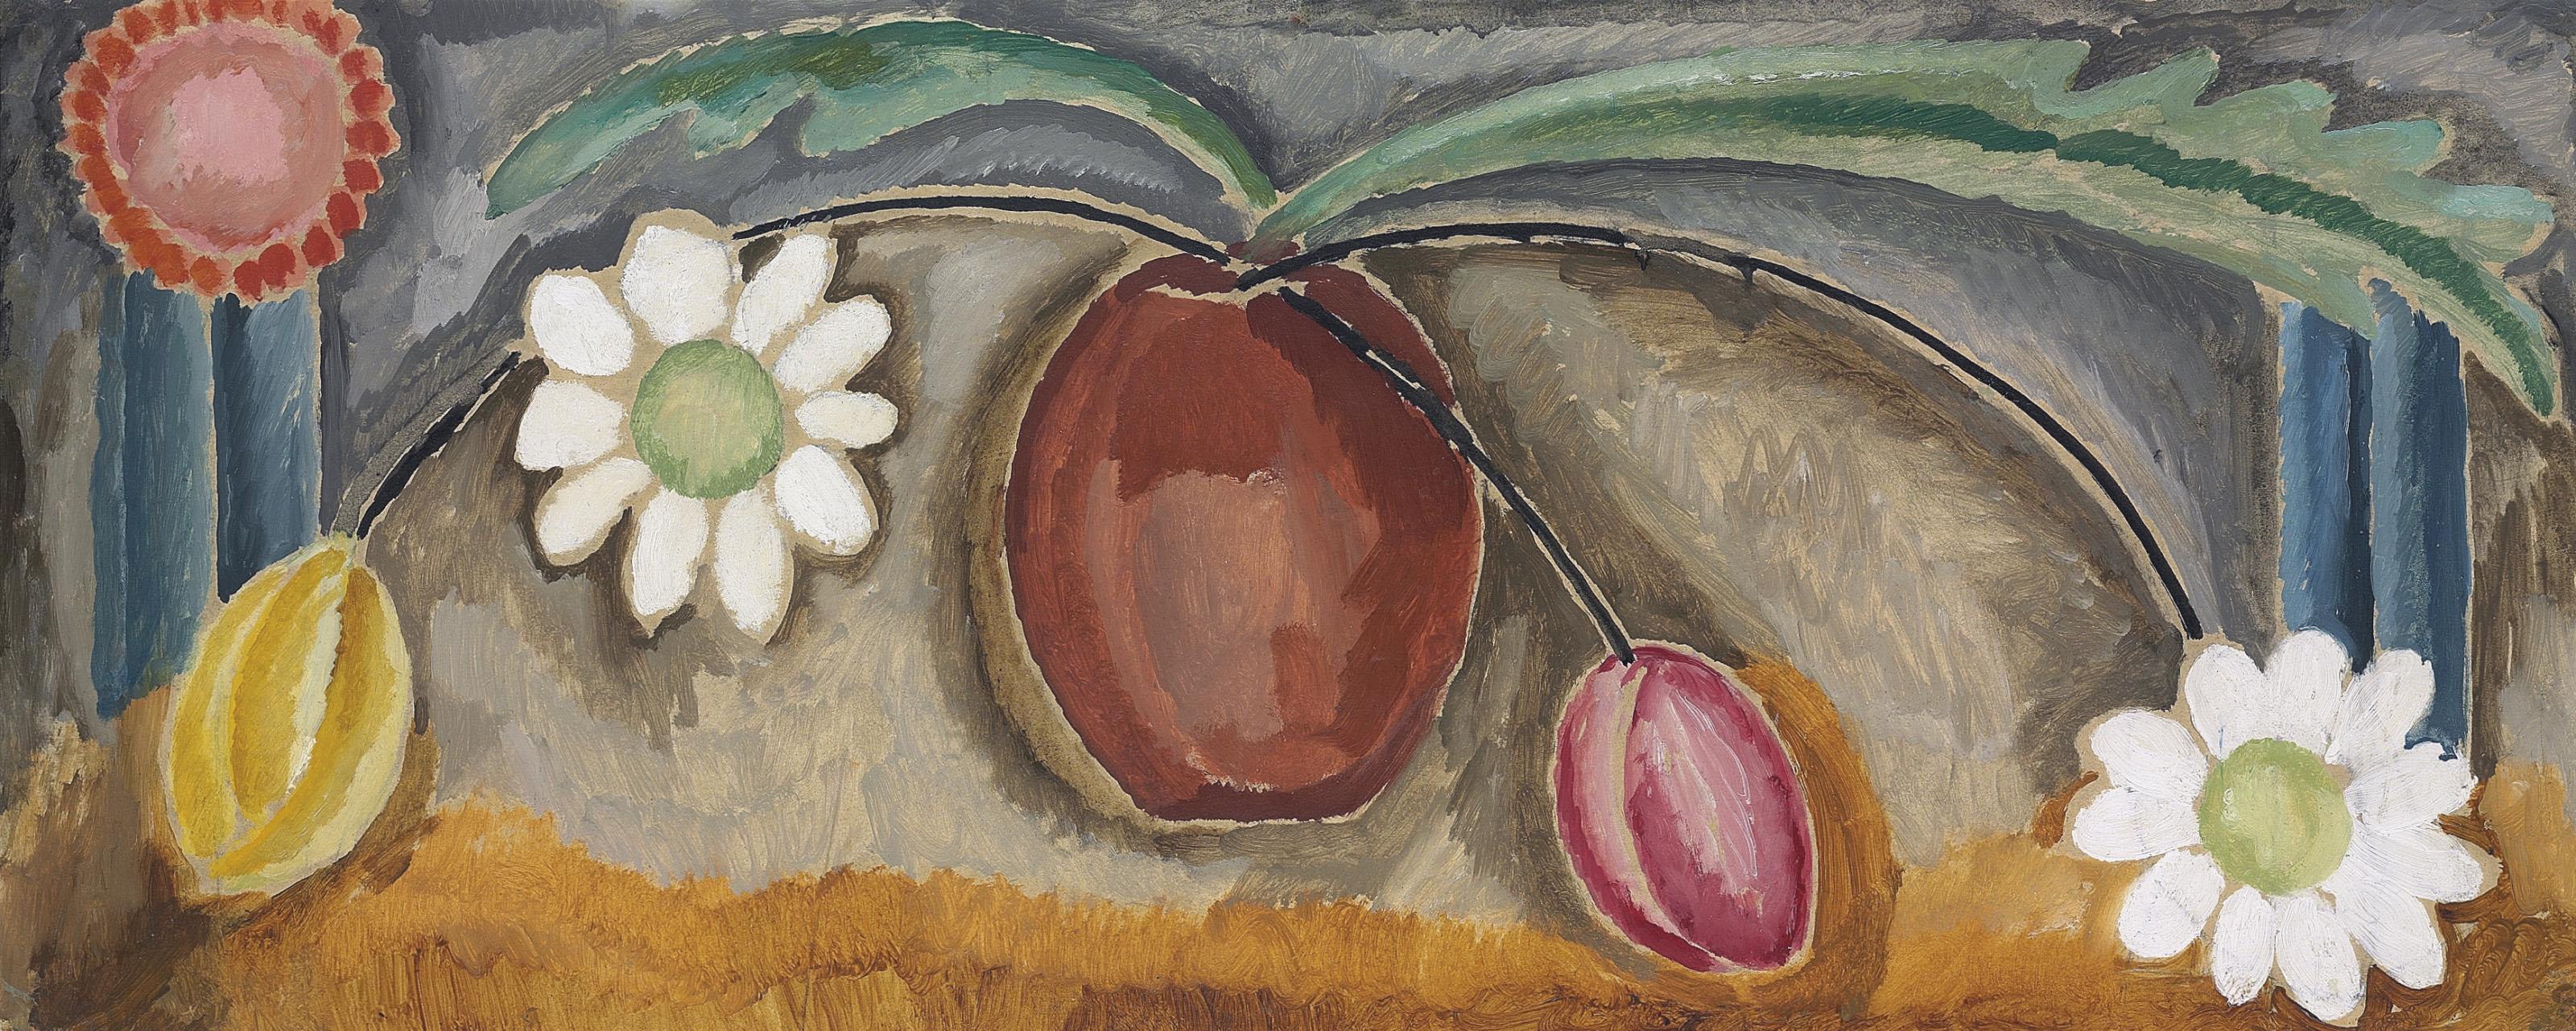 Vase of Flowers: Design for the Omega Workshops